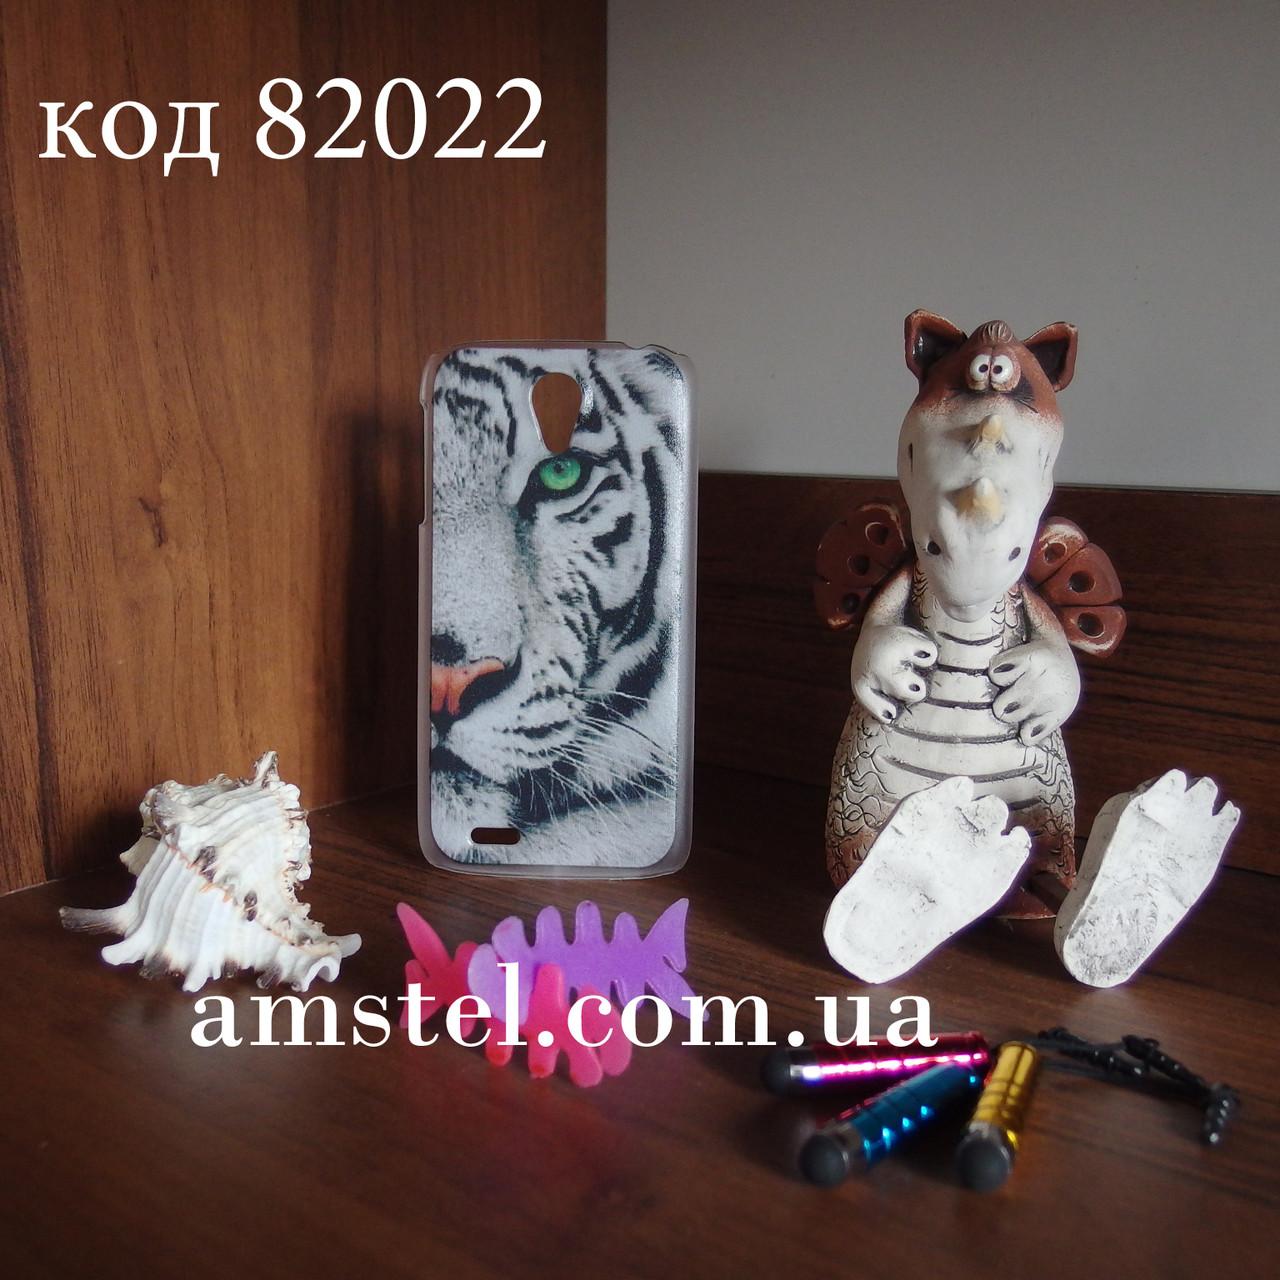 Чехол для lenovo s820 панель накладка с рисунком белый тигр